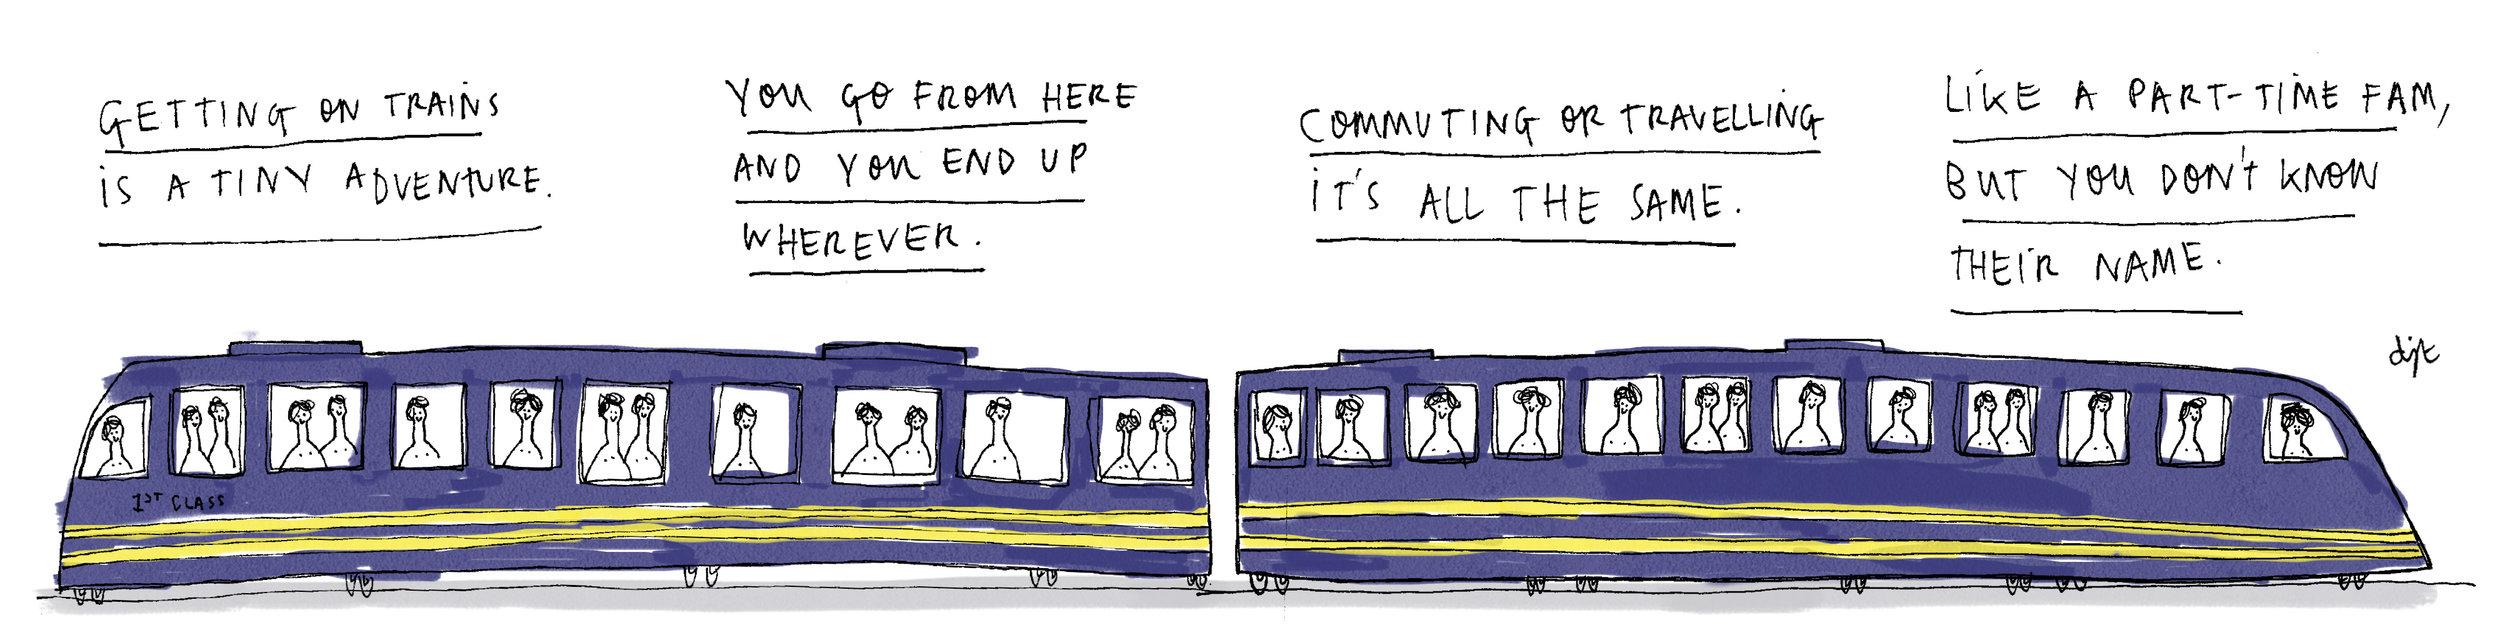 train-people-poem-darrenjturner.jpg